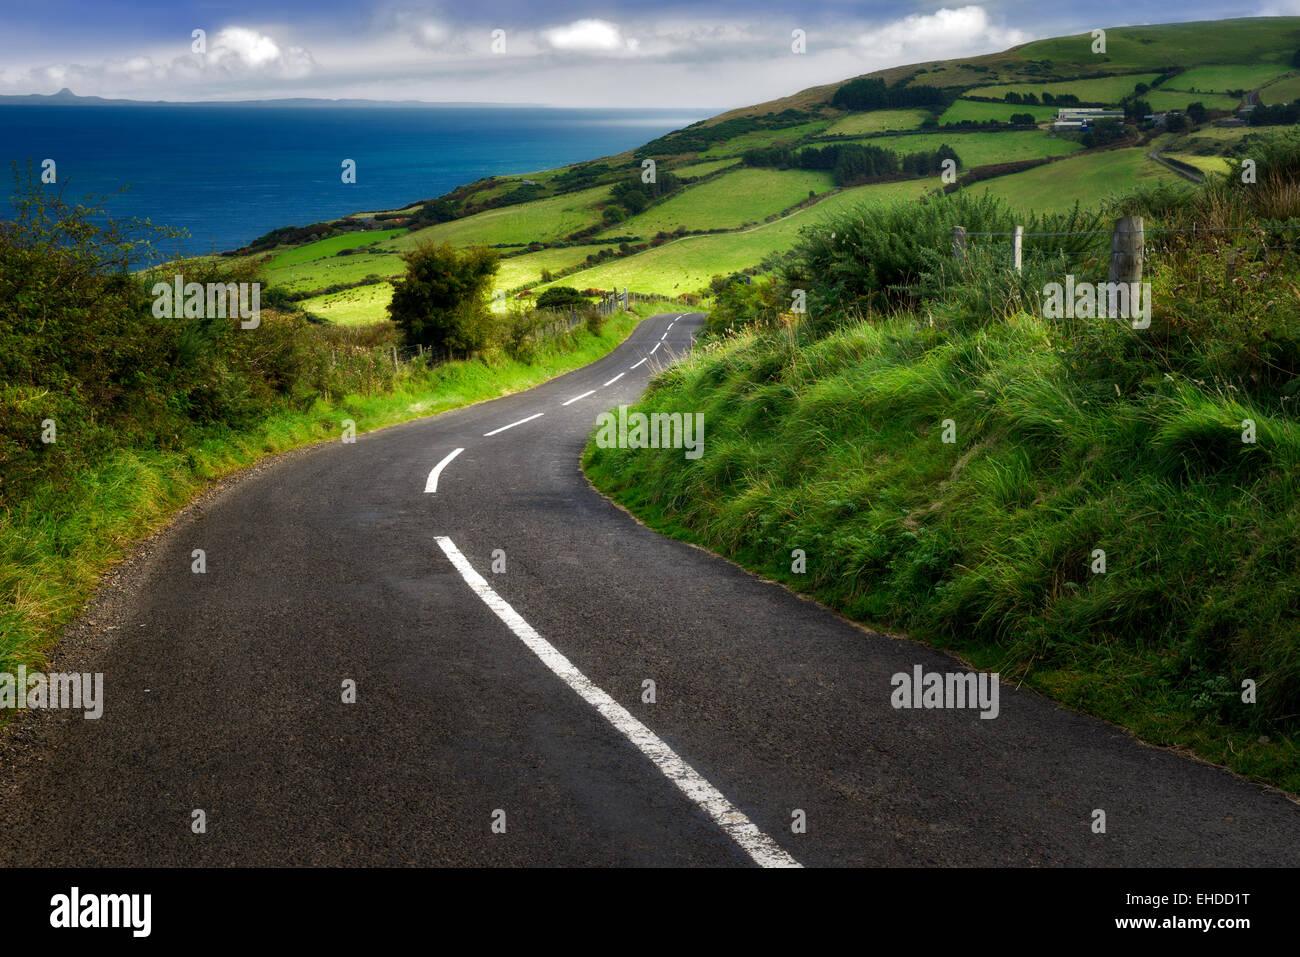 Carretera cerca de Torr Cabeza con campos verdes en el fondo. Antrim Irlanda del Norte Imagen De Stock